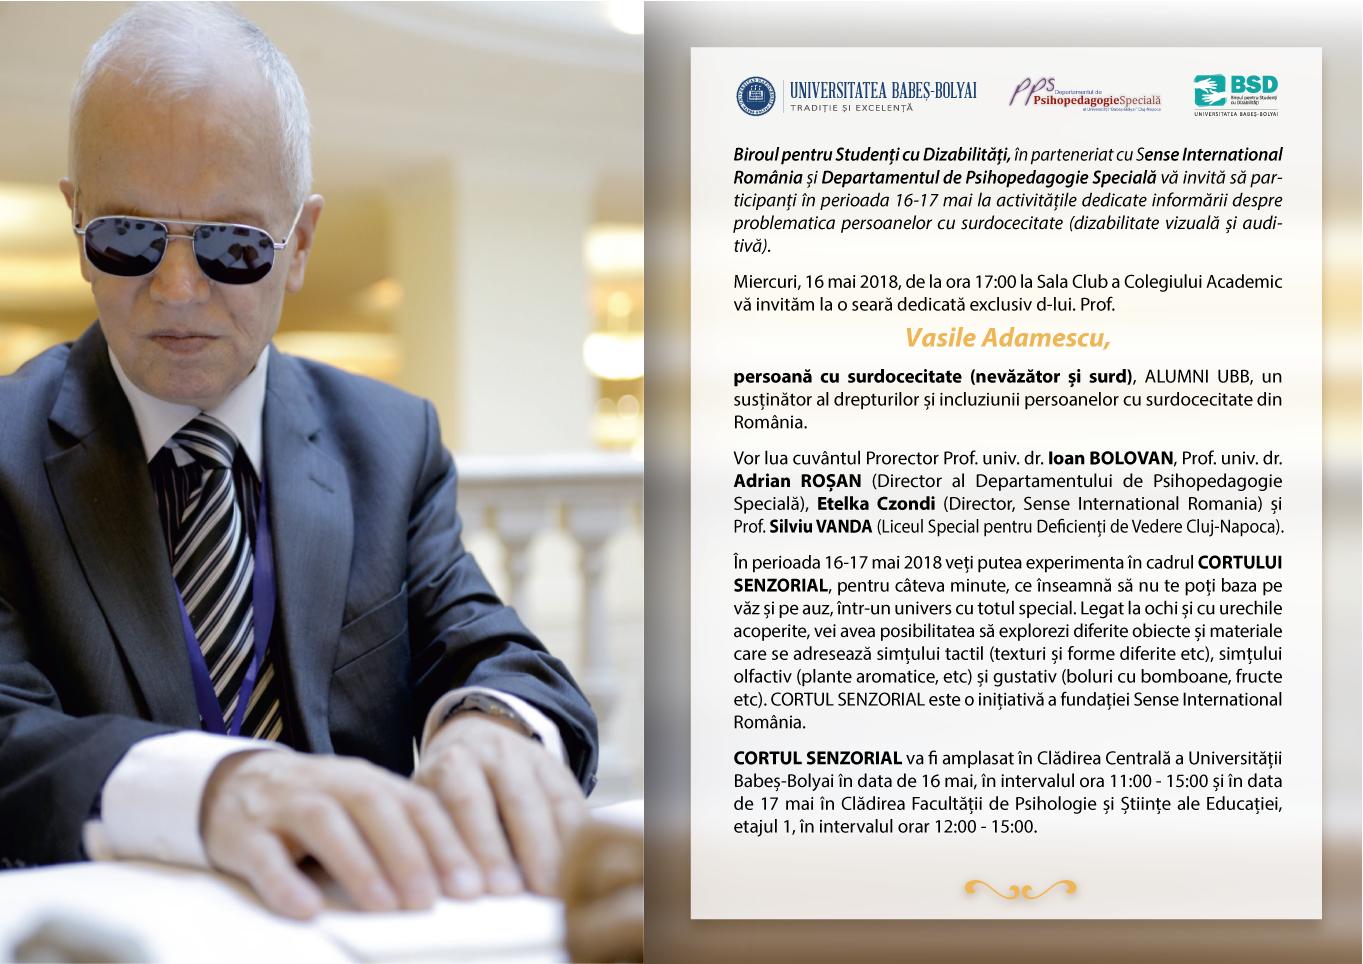 invitatie seara Vasile Adamescu